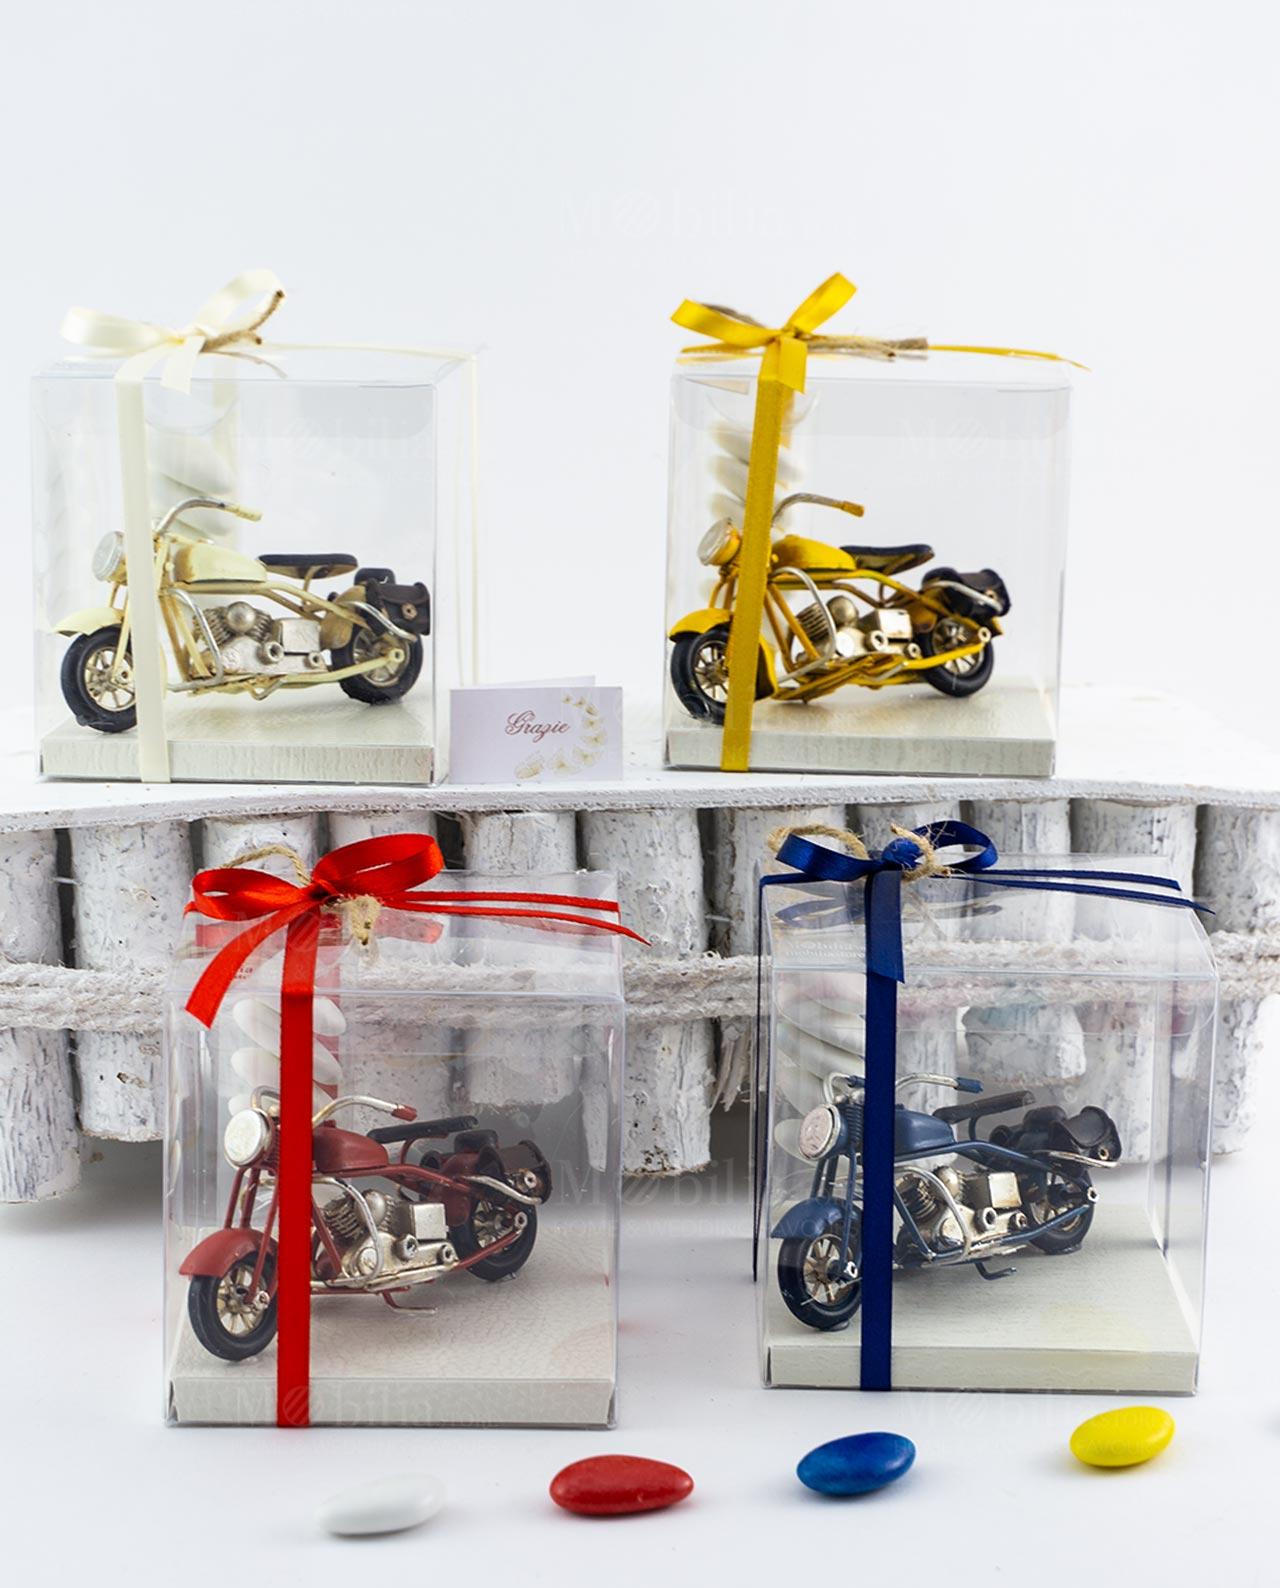 Partecipazioni Matrimonio Harley.Bomboniera Modellino Moto Harley Davidson Colori Assortiti